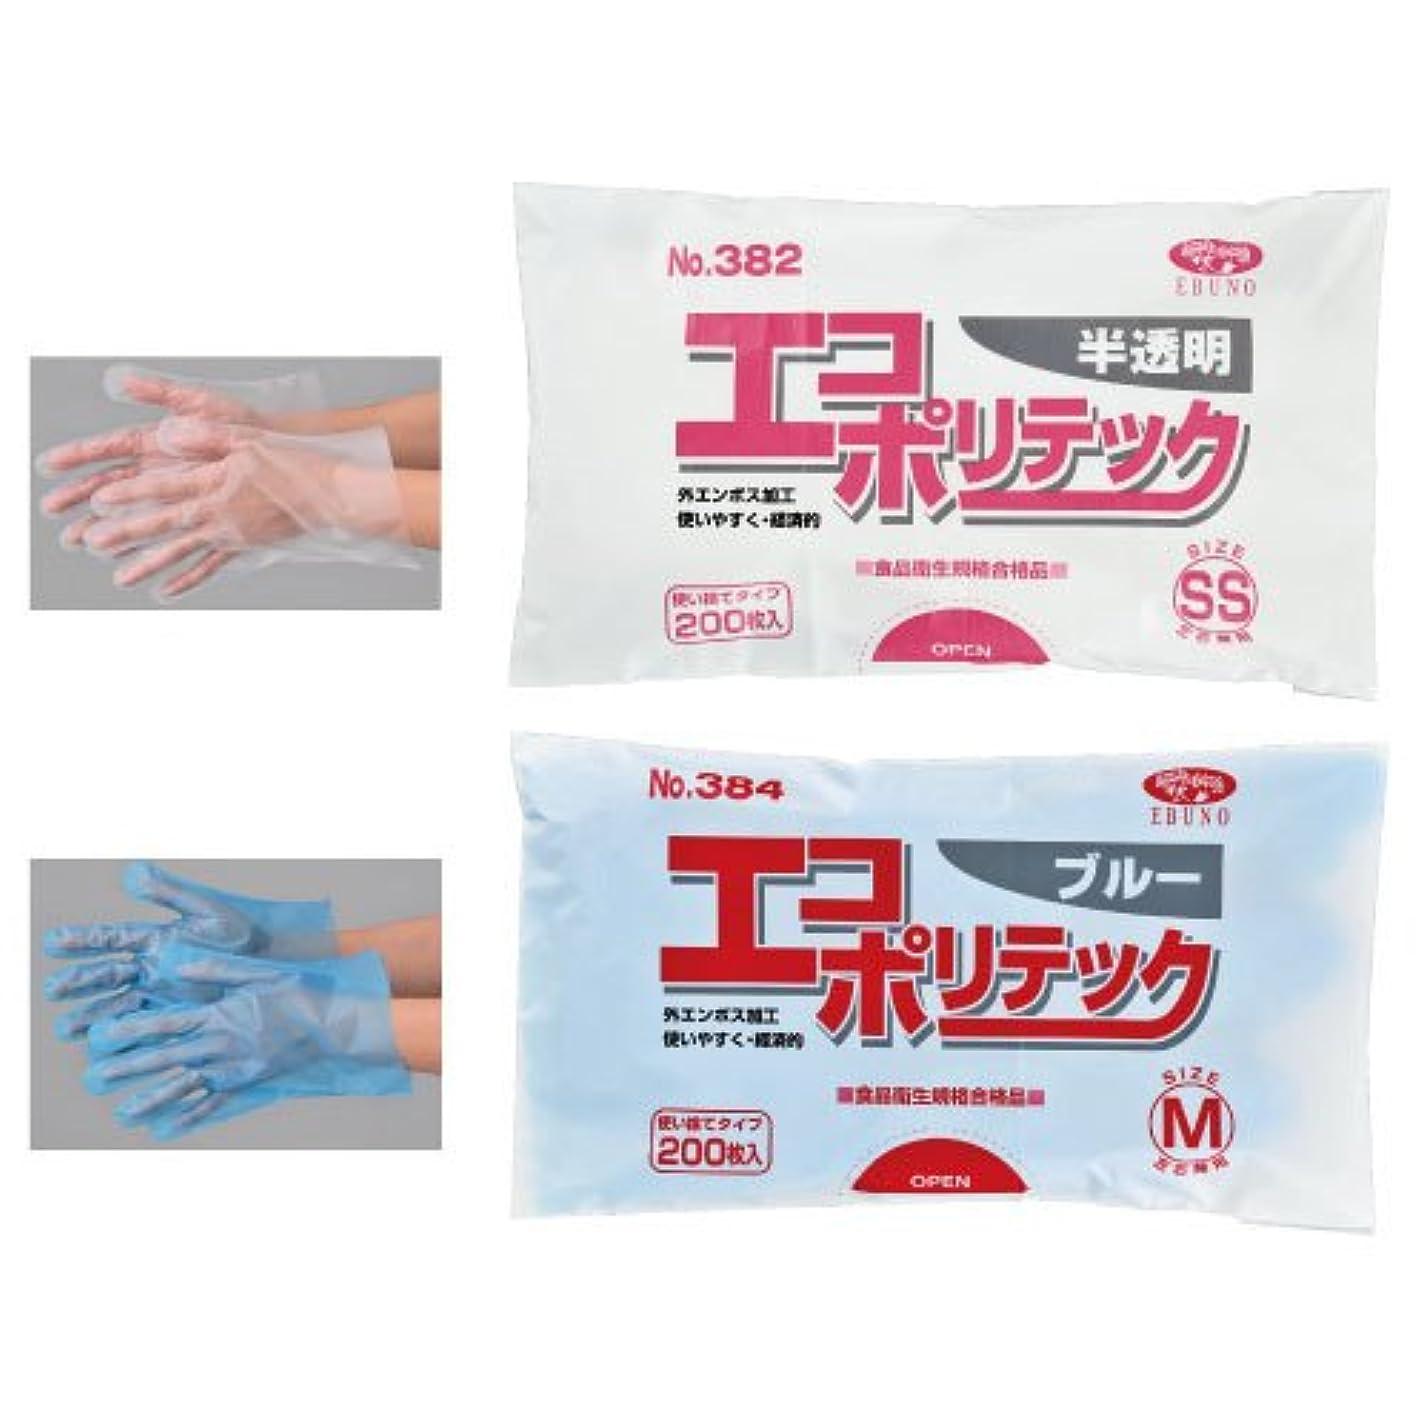 エブノ ポリエチレン手袋 No.382 SS 半透明 (200枚×30袋) エコポリテック 袋入